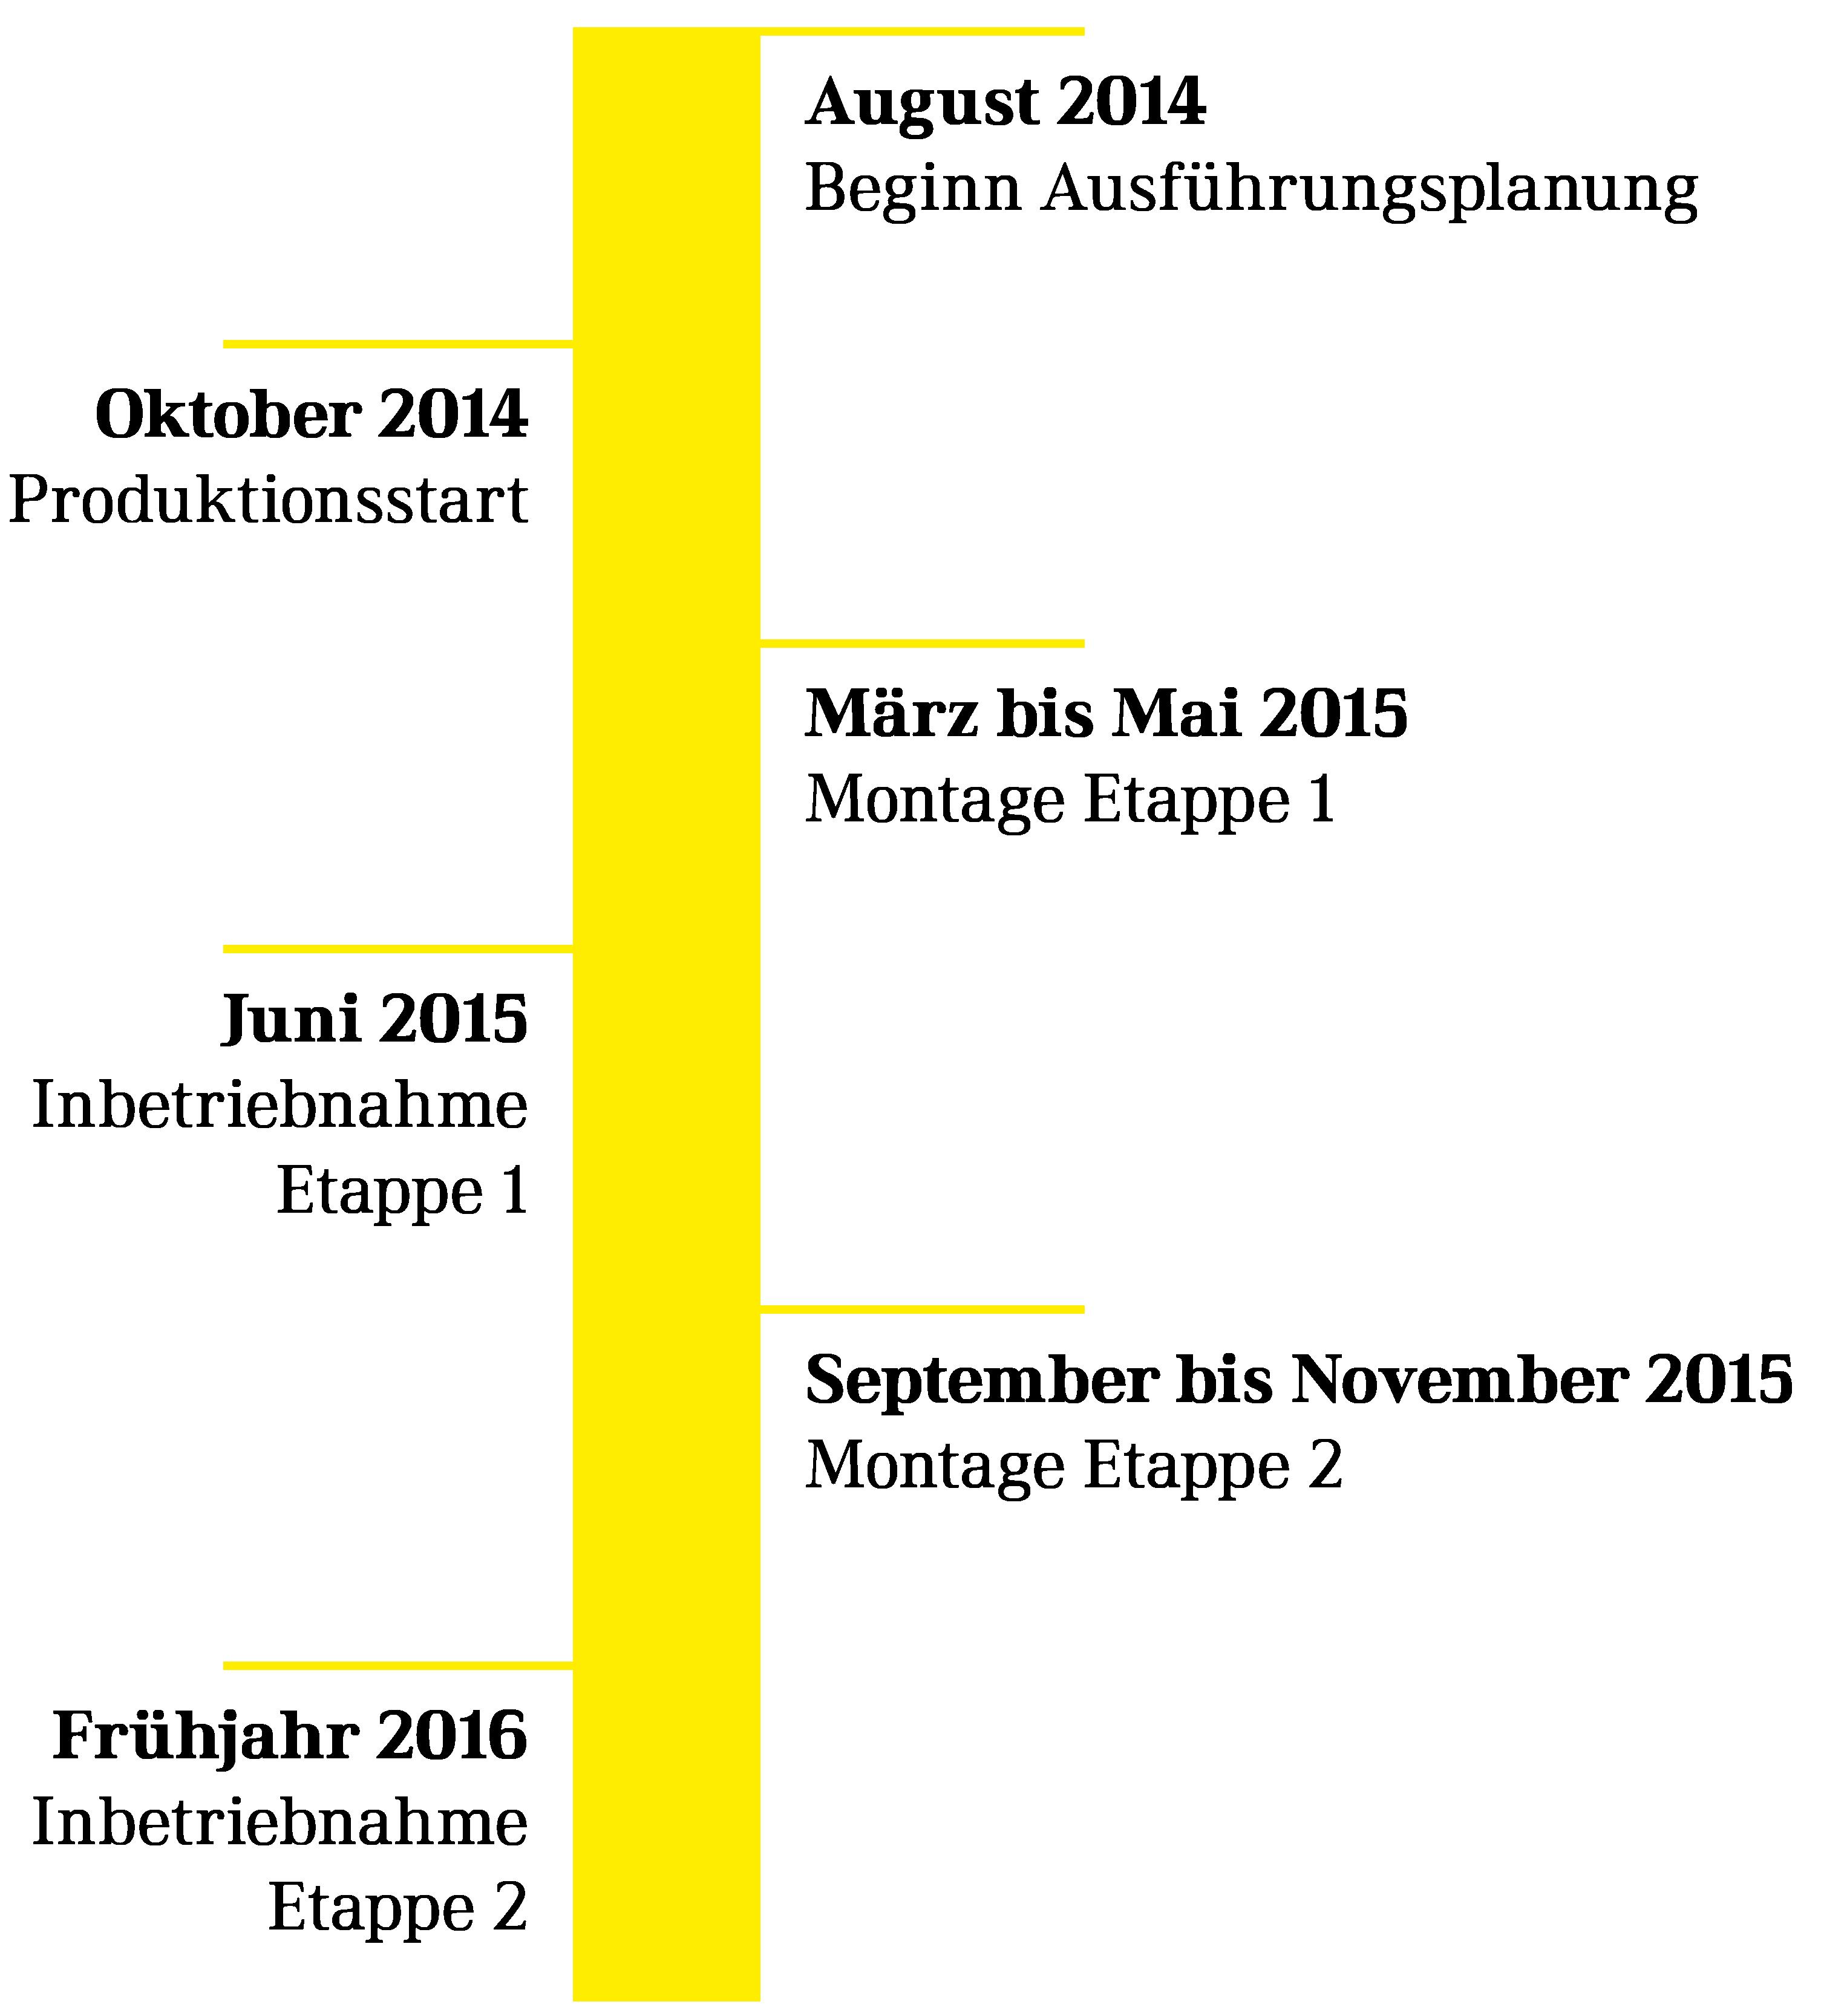 projektablauf_mueller_steinag